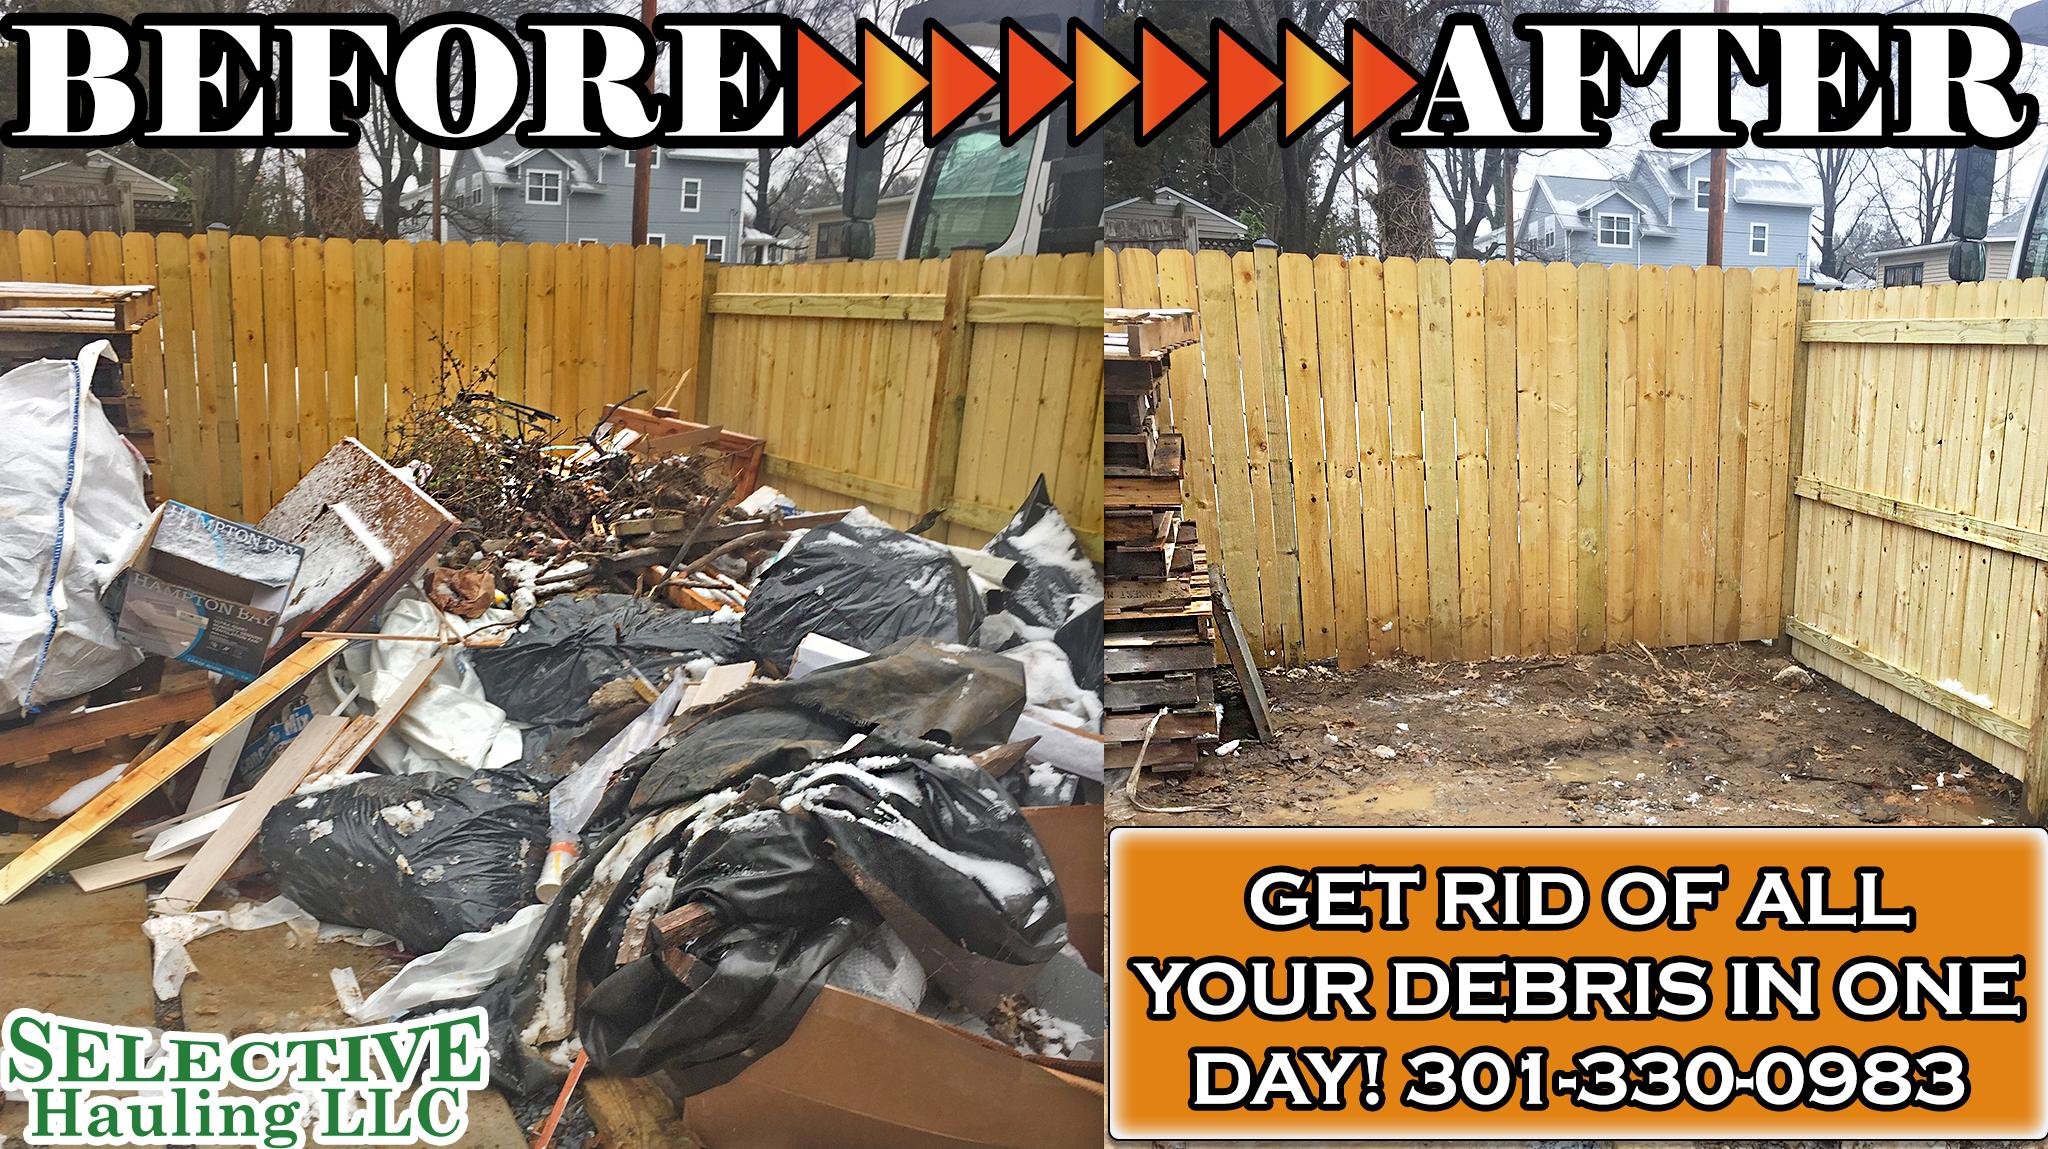 junk removal service reston va